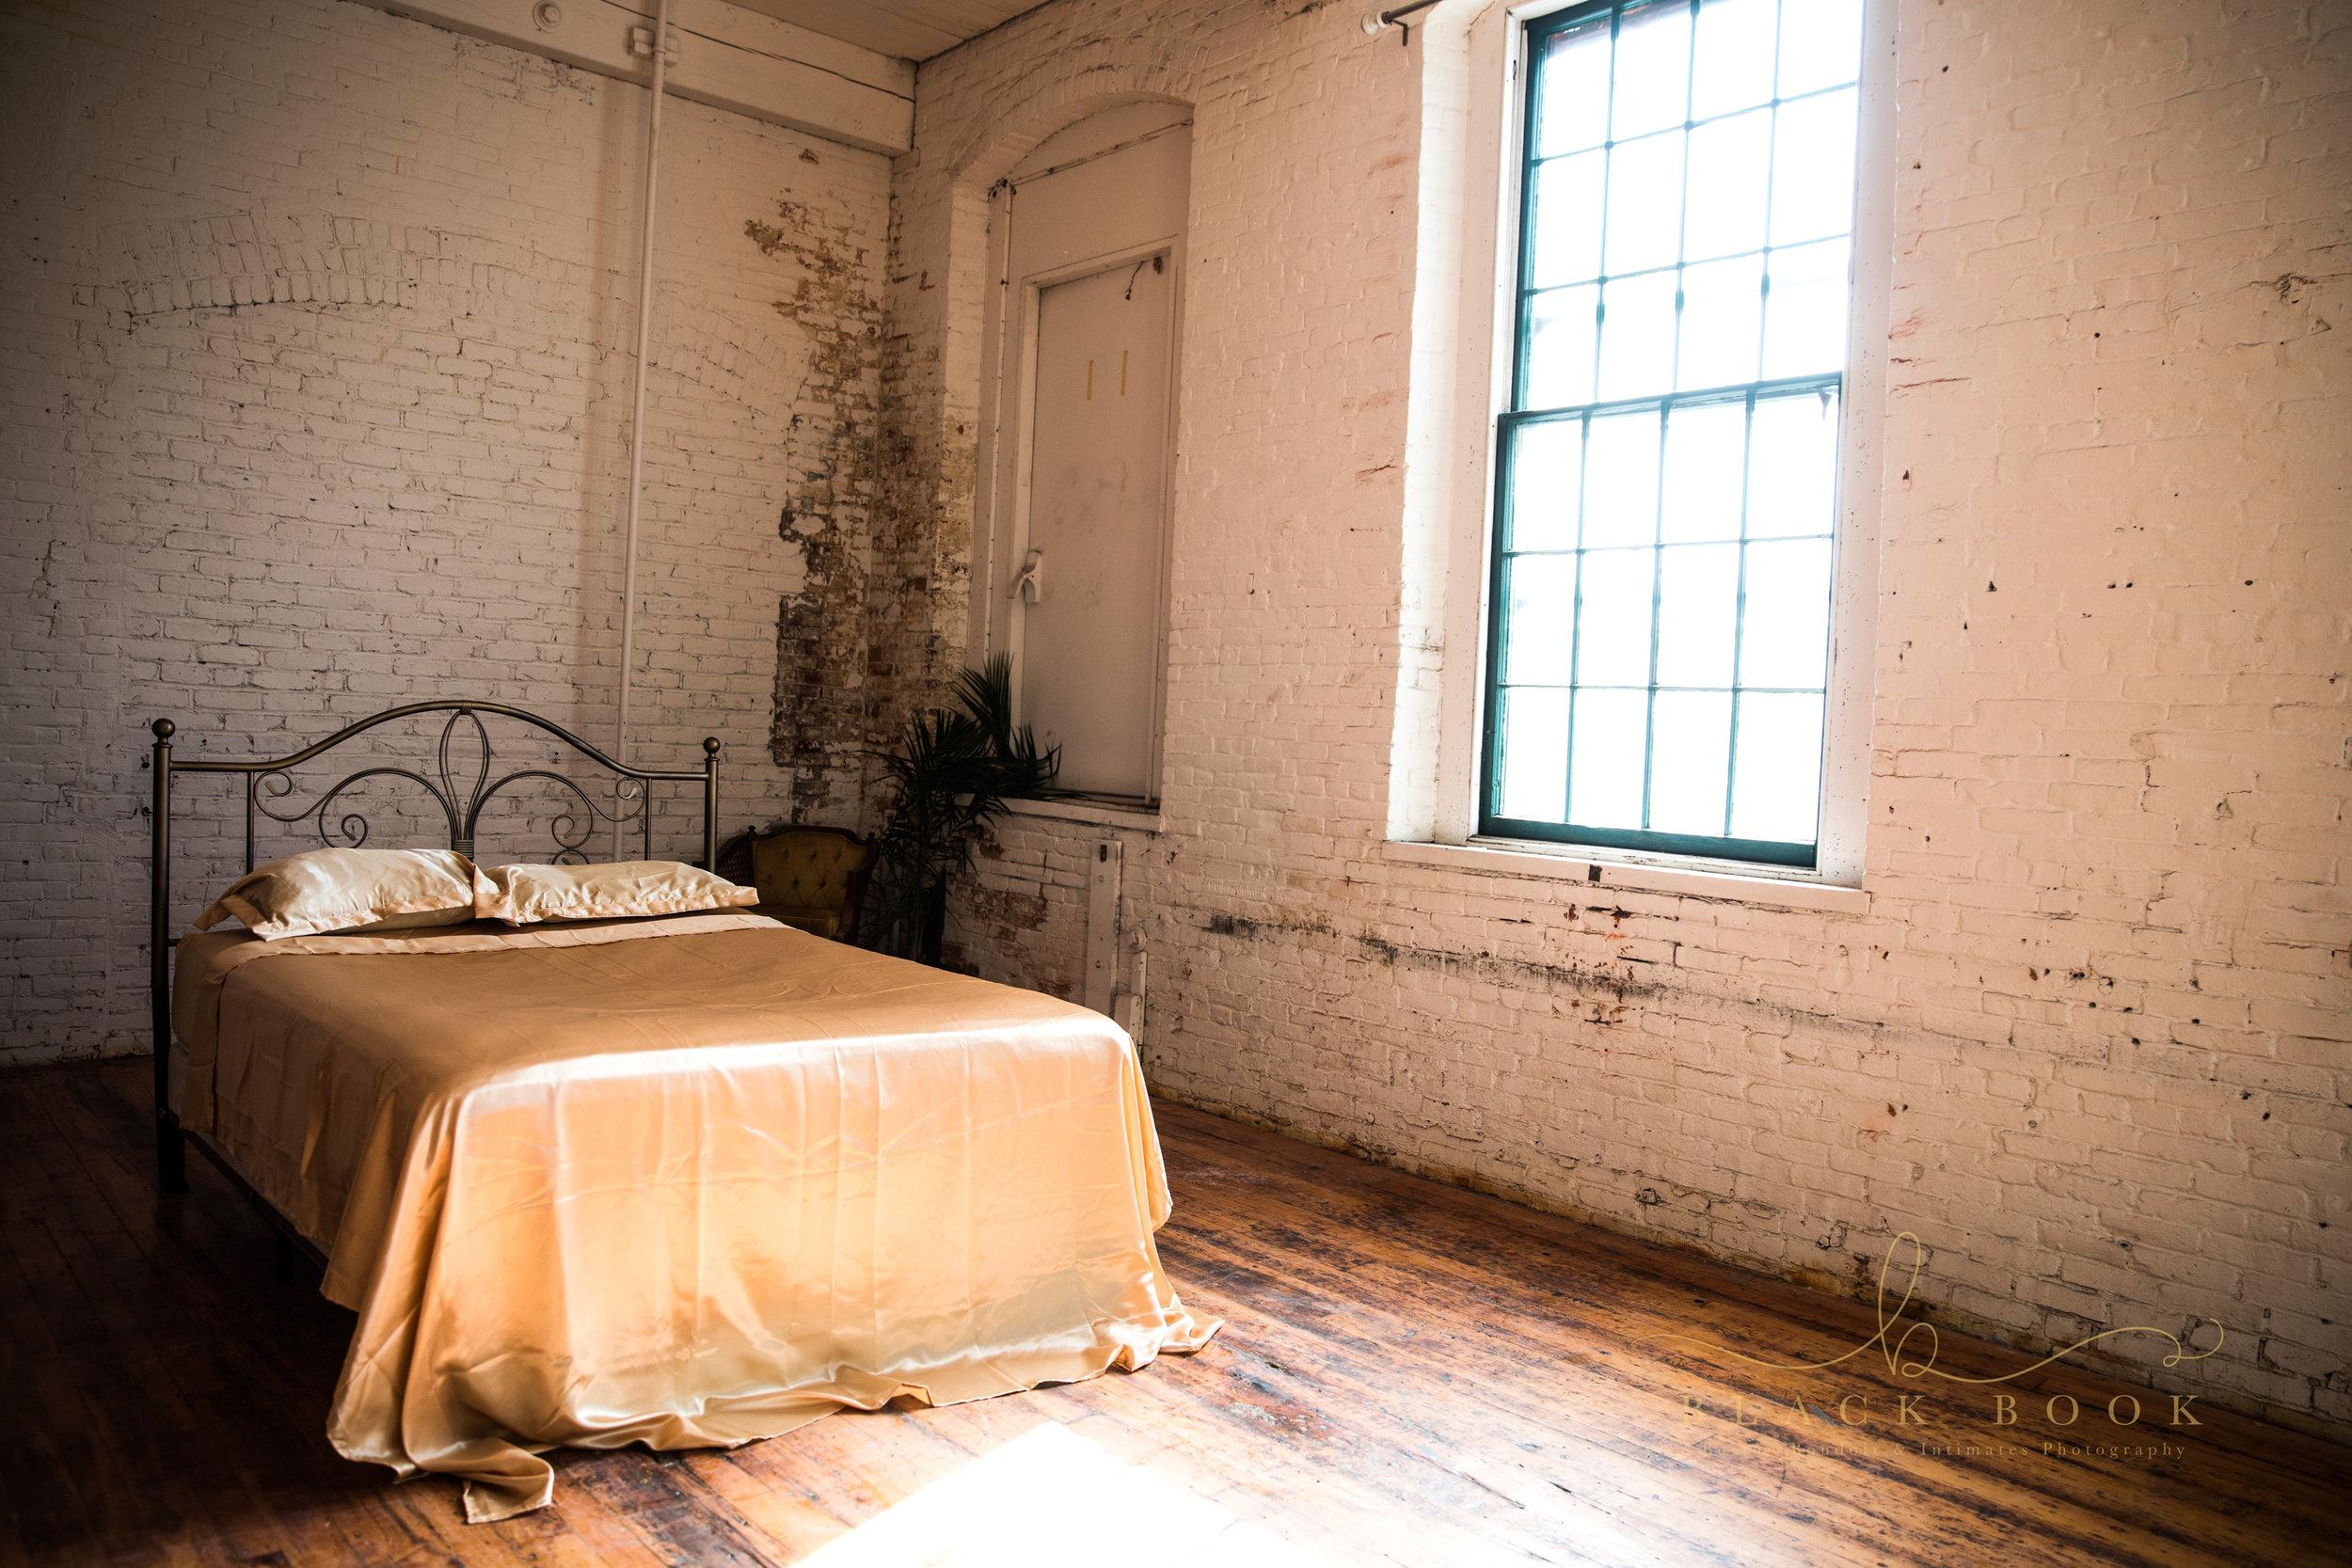 metal-bed-gold-sheets-boston-Boudoir-Studio-Amanda-Morgan.jpg